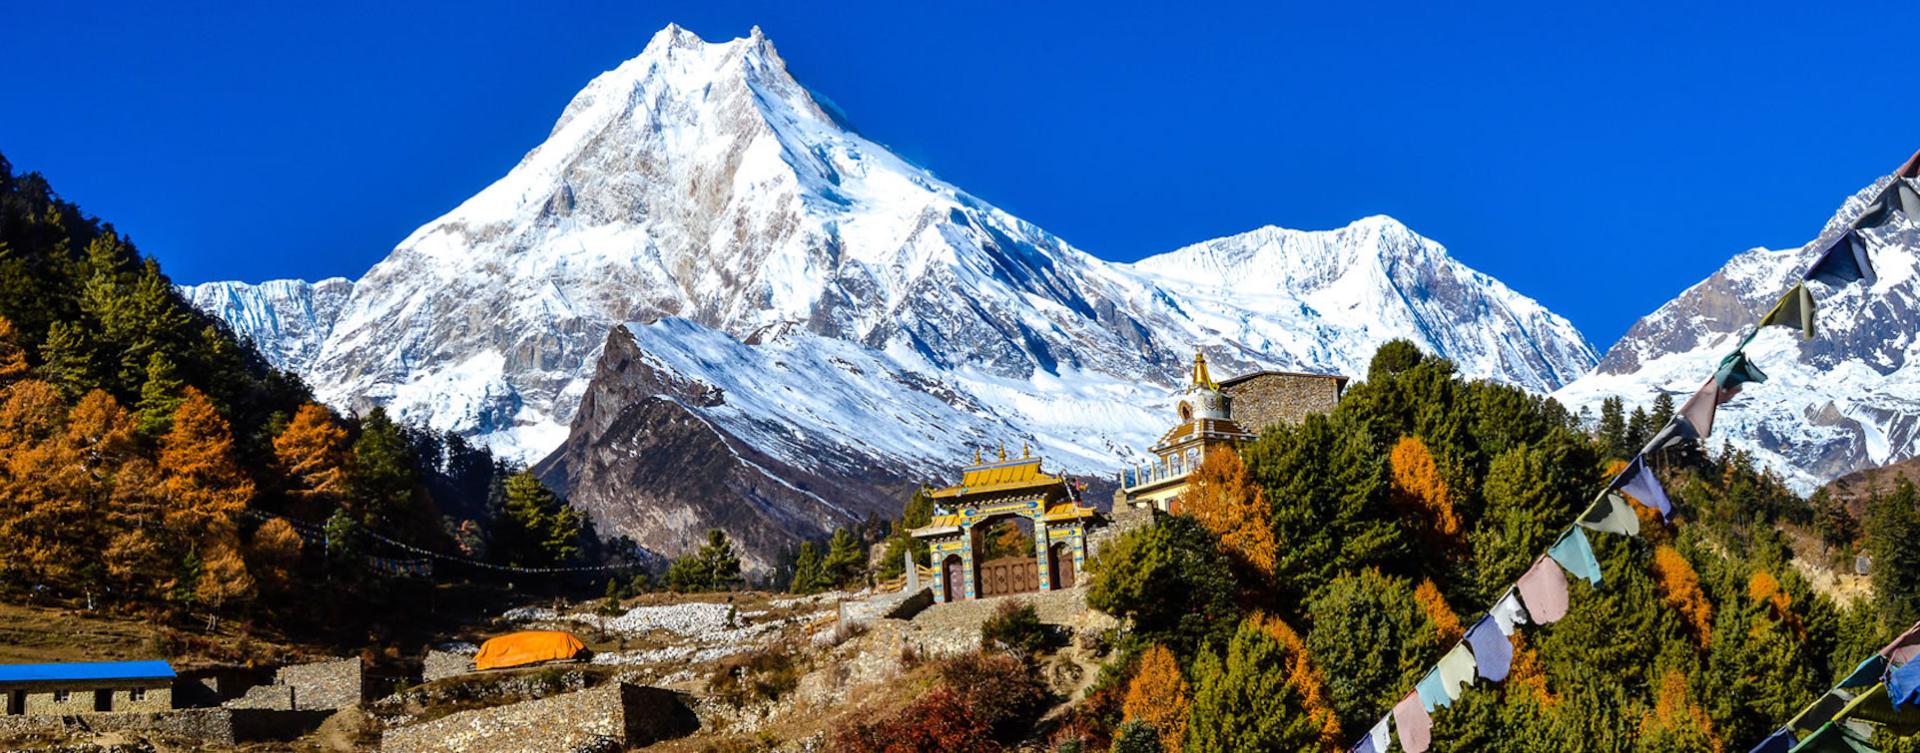 Ascention guidé du Manaslu au Népal